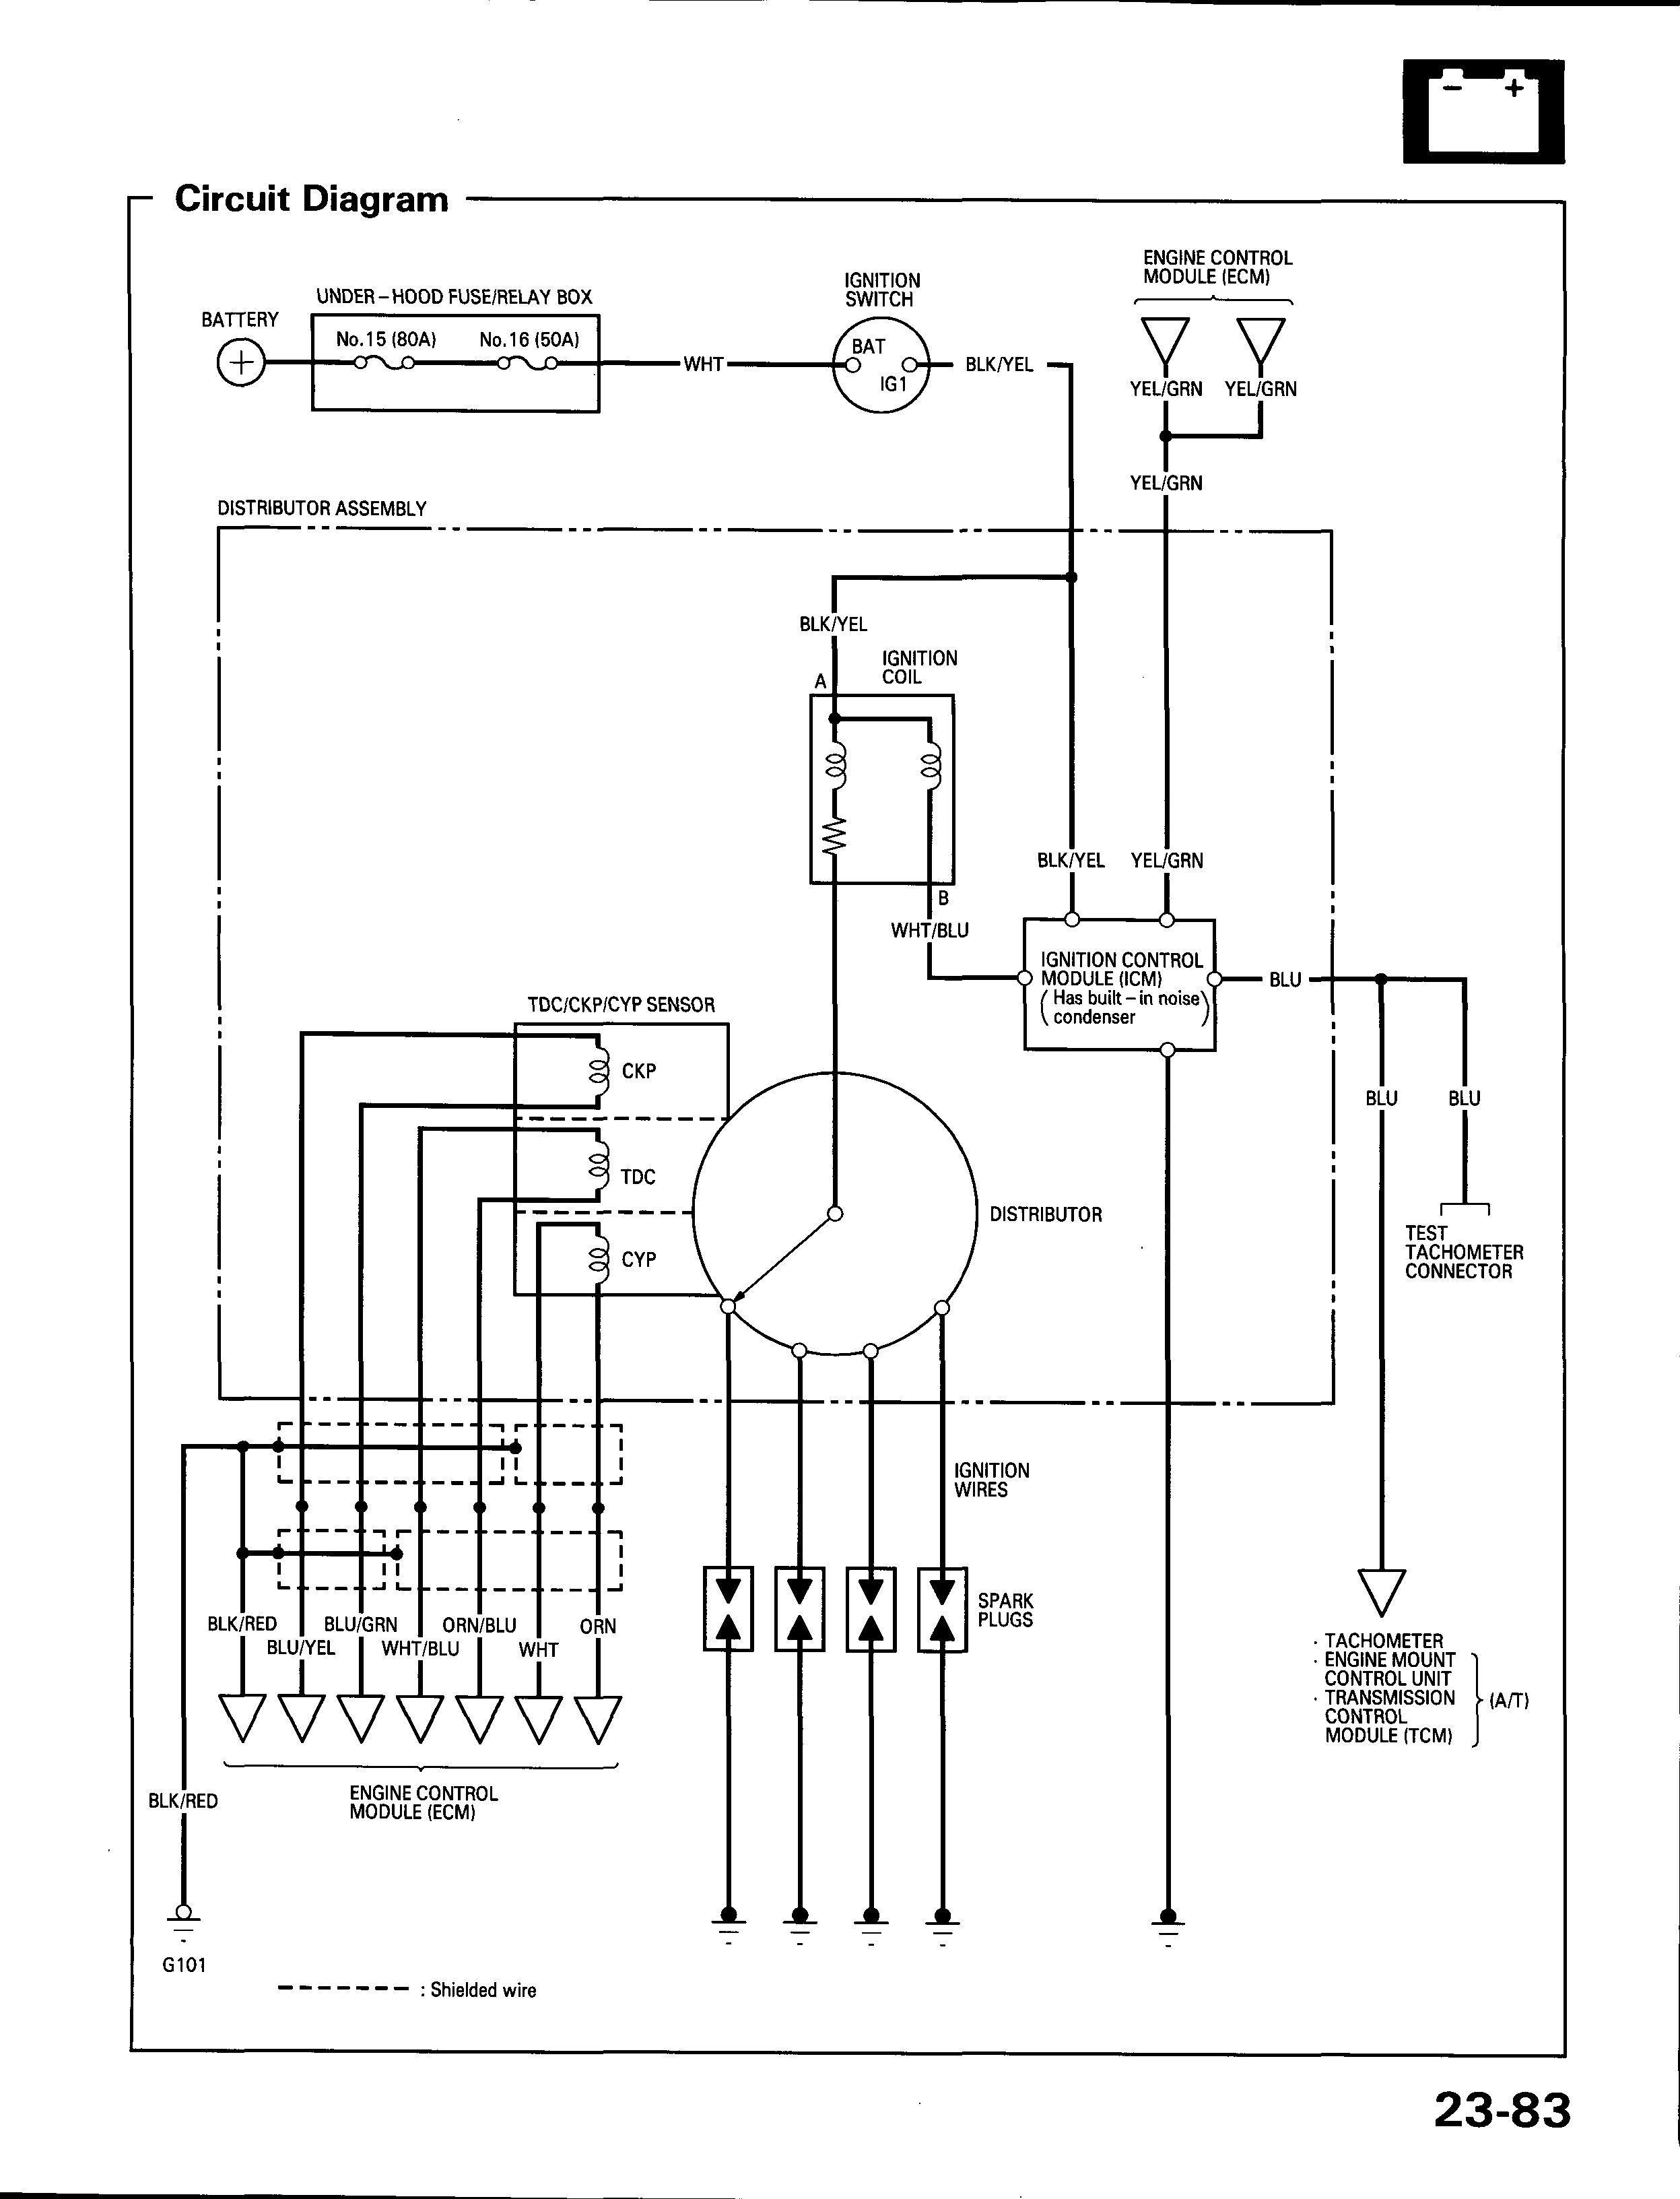 схема блока предохранителей accord 96